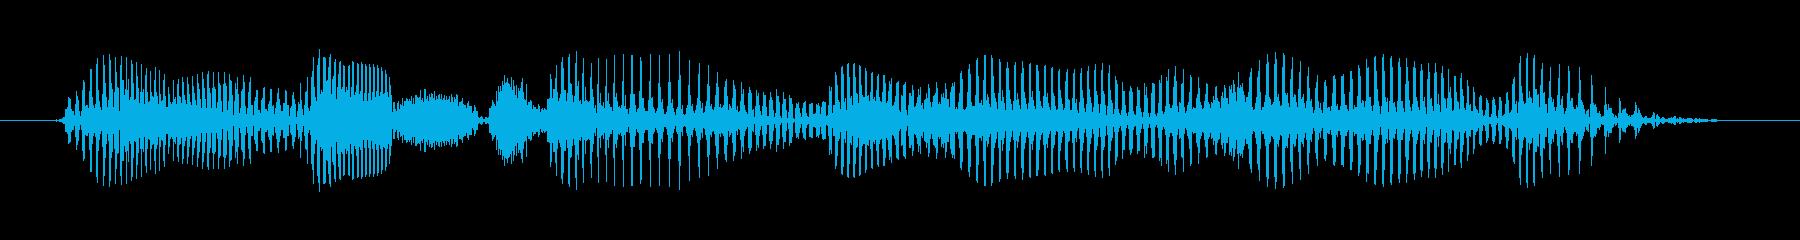 シニア男性A:1つの良いターンに値するの再生済みの波形